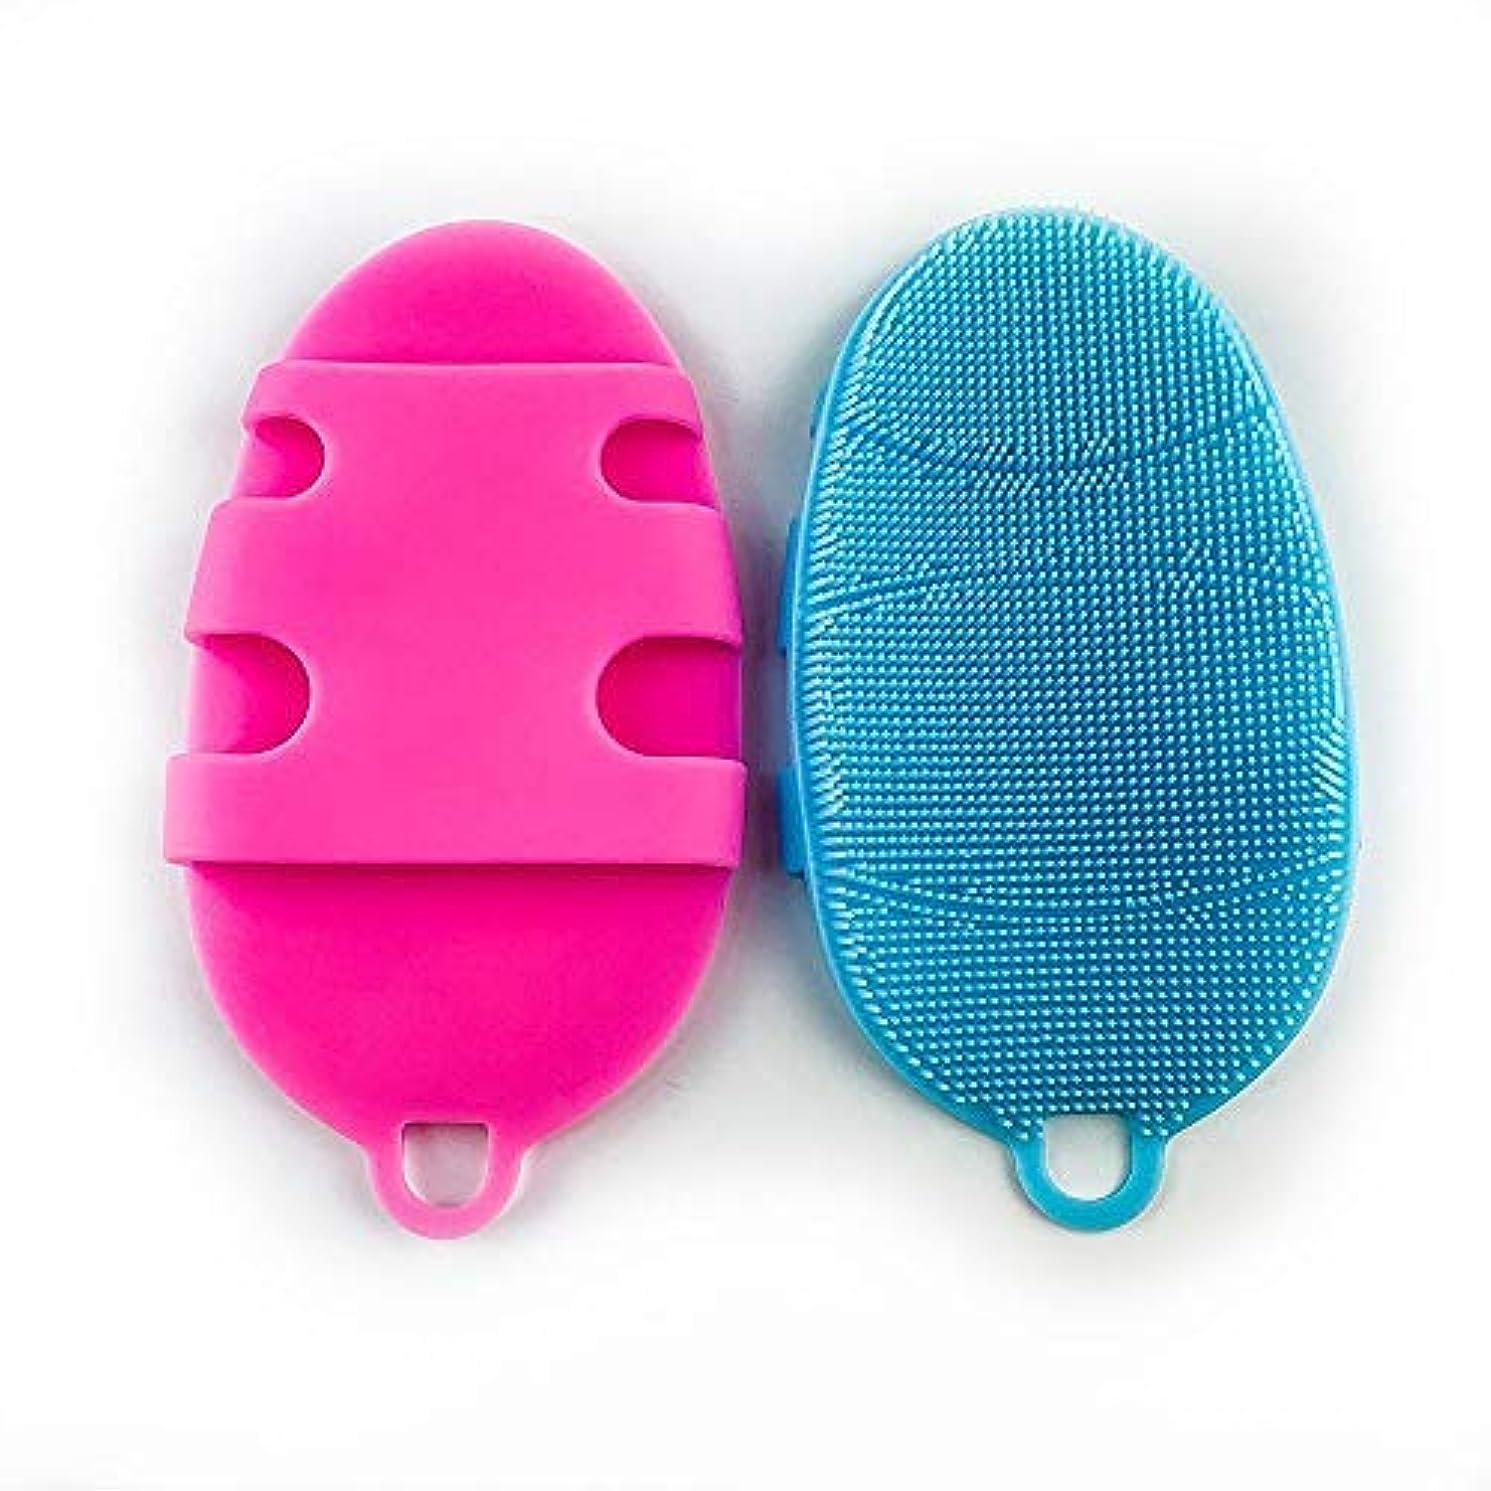 ポールシャープ妖精ボディブラシ バスブラシ マッサージ シリコン ソフト洗い 背中も洗える 角質除去 毛穴清潔 入浴グッズ